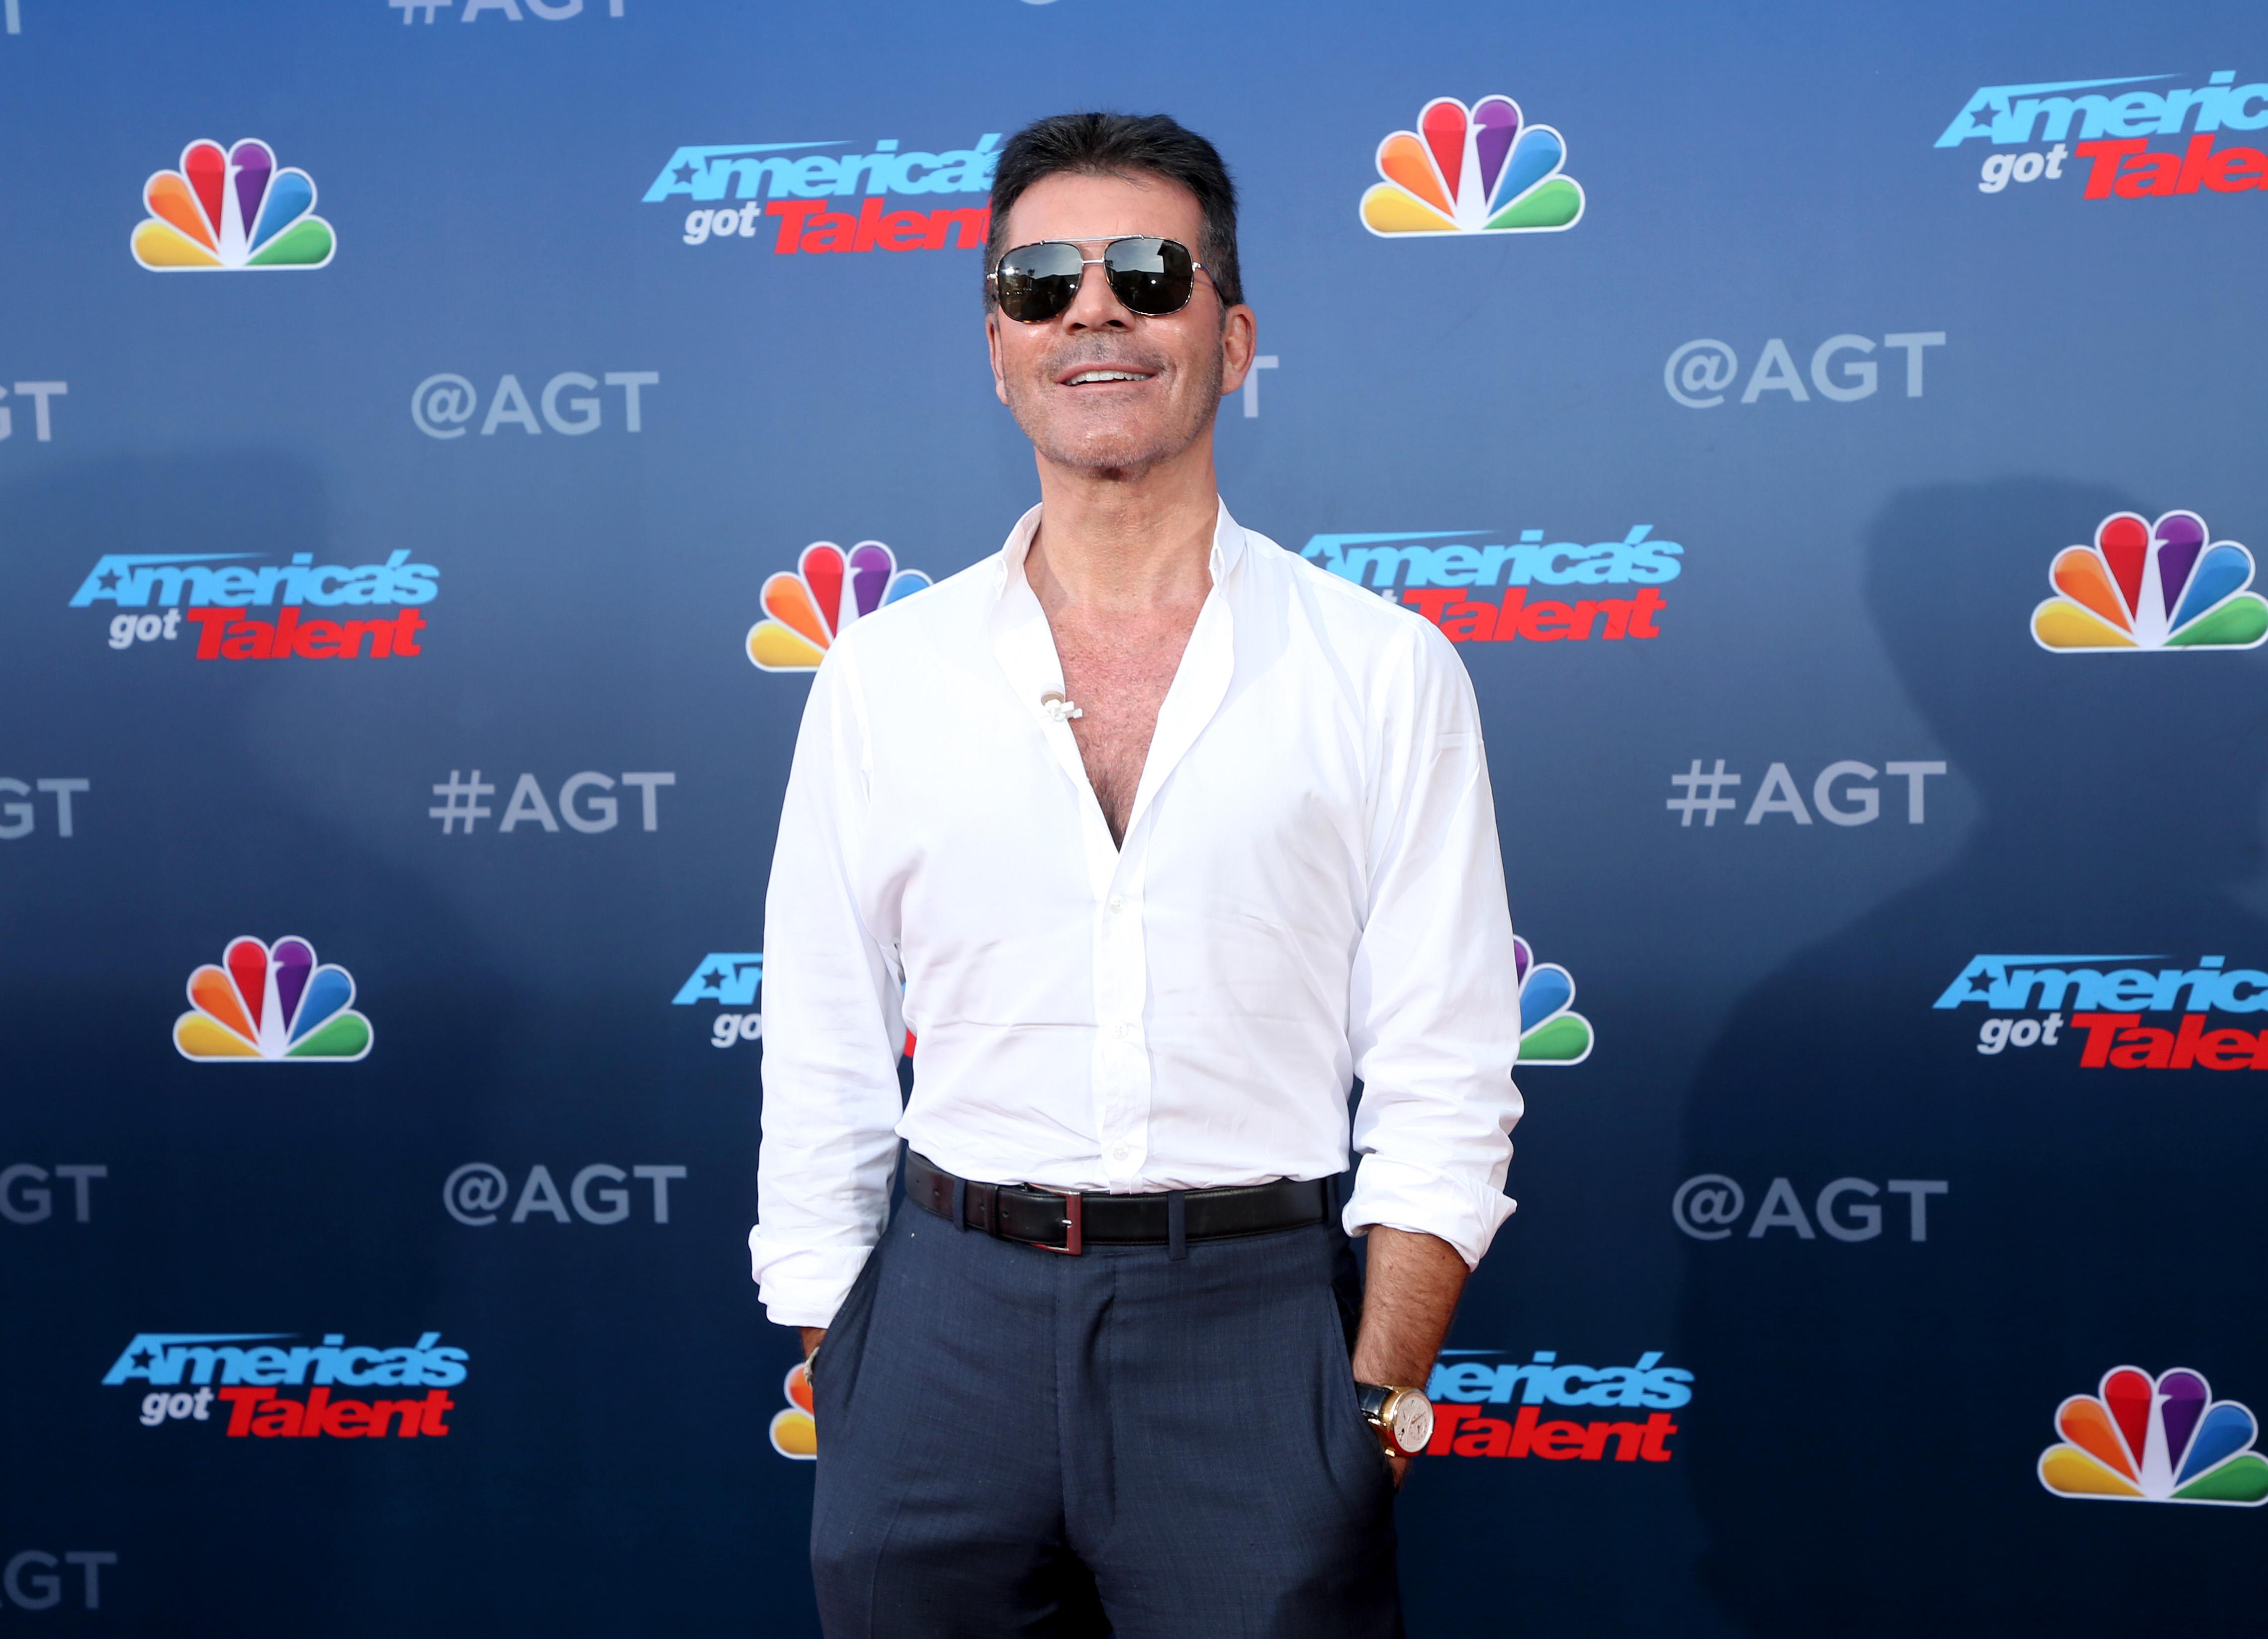 """PASADENA, CALIFORNIA - MARCH 04: Simon Cowell attends the """"America's Got Talent"""" Season 15 Kickoff at Pasadena Civic Auditorium on March 04, 2020 in Pasadena, California. (Photo by Phillip Faraone/FilmMagic)"""